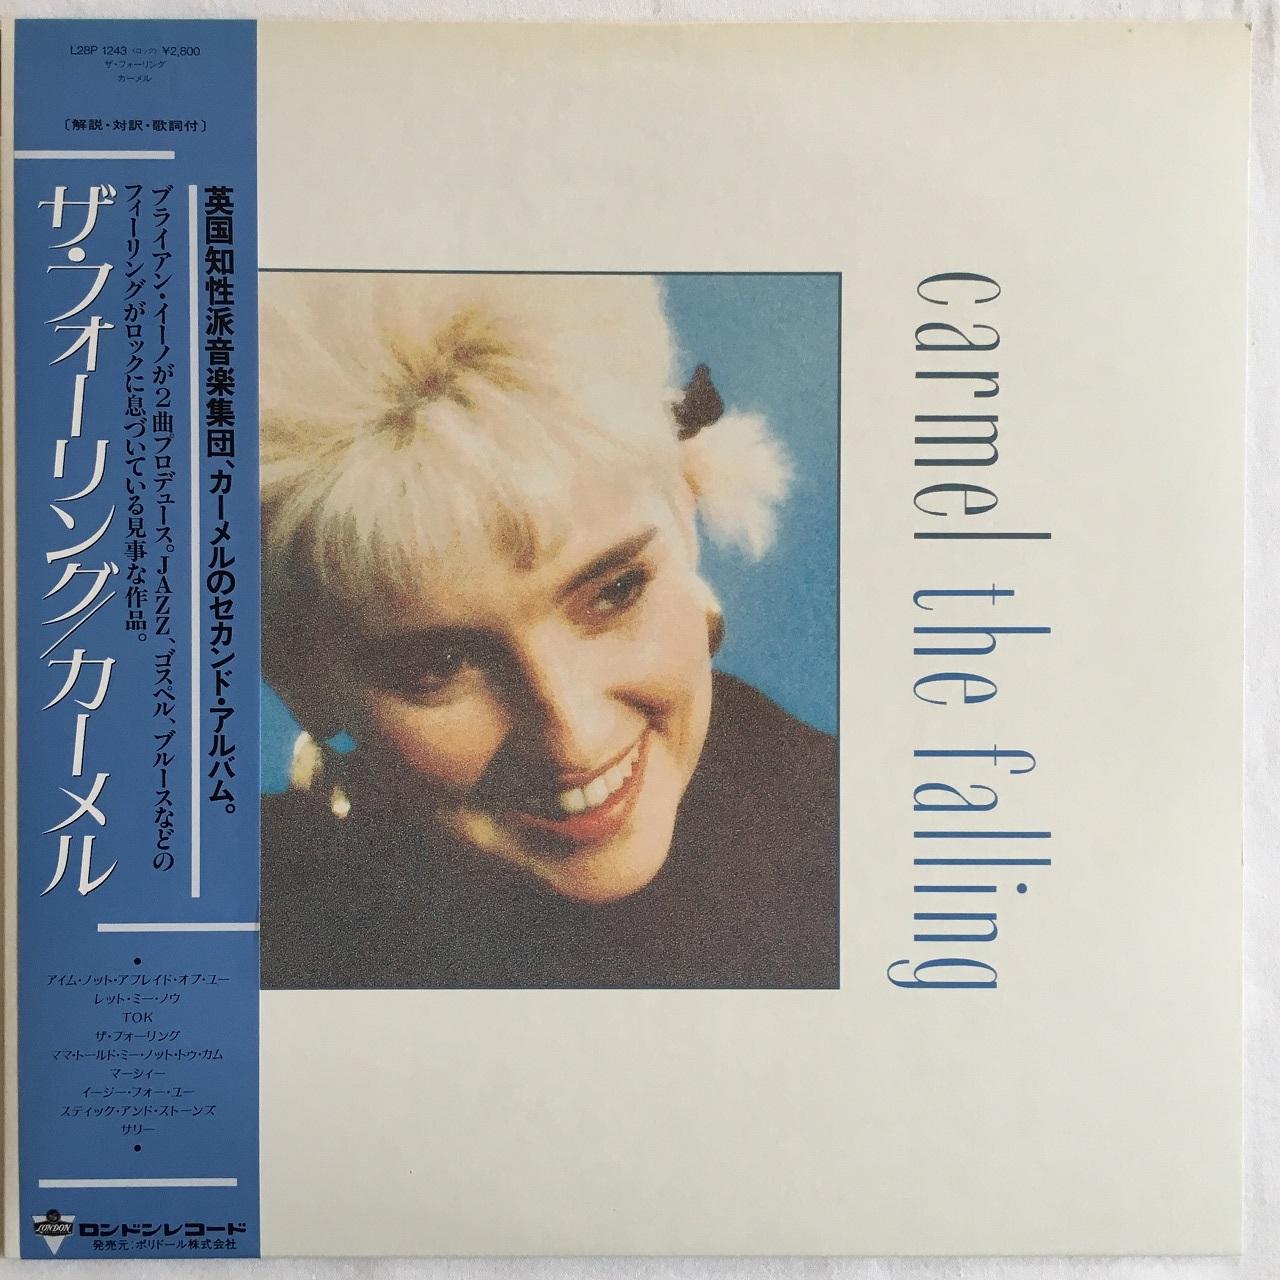 【LP・国内盤】カーメル  /  ザ・フォーリング